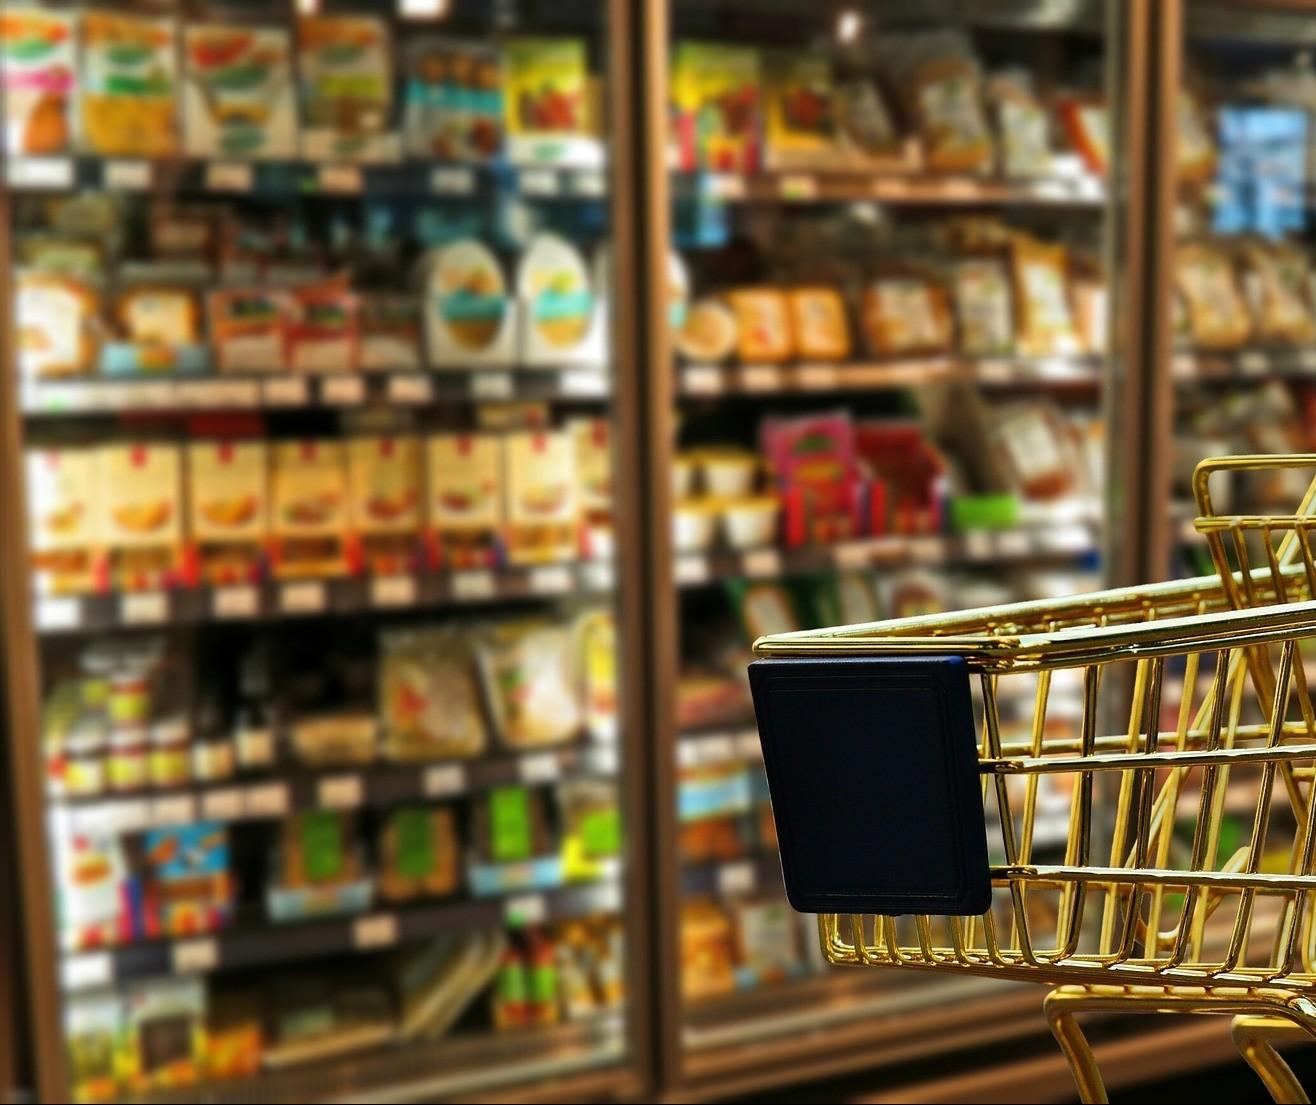 Supermercados e hipermercados mantêm trajetória de crescimento